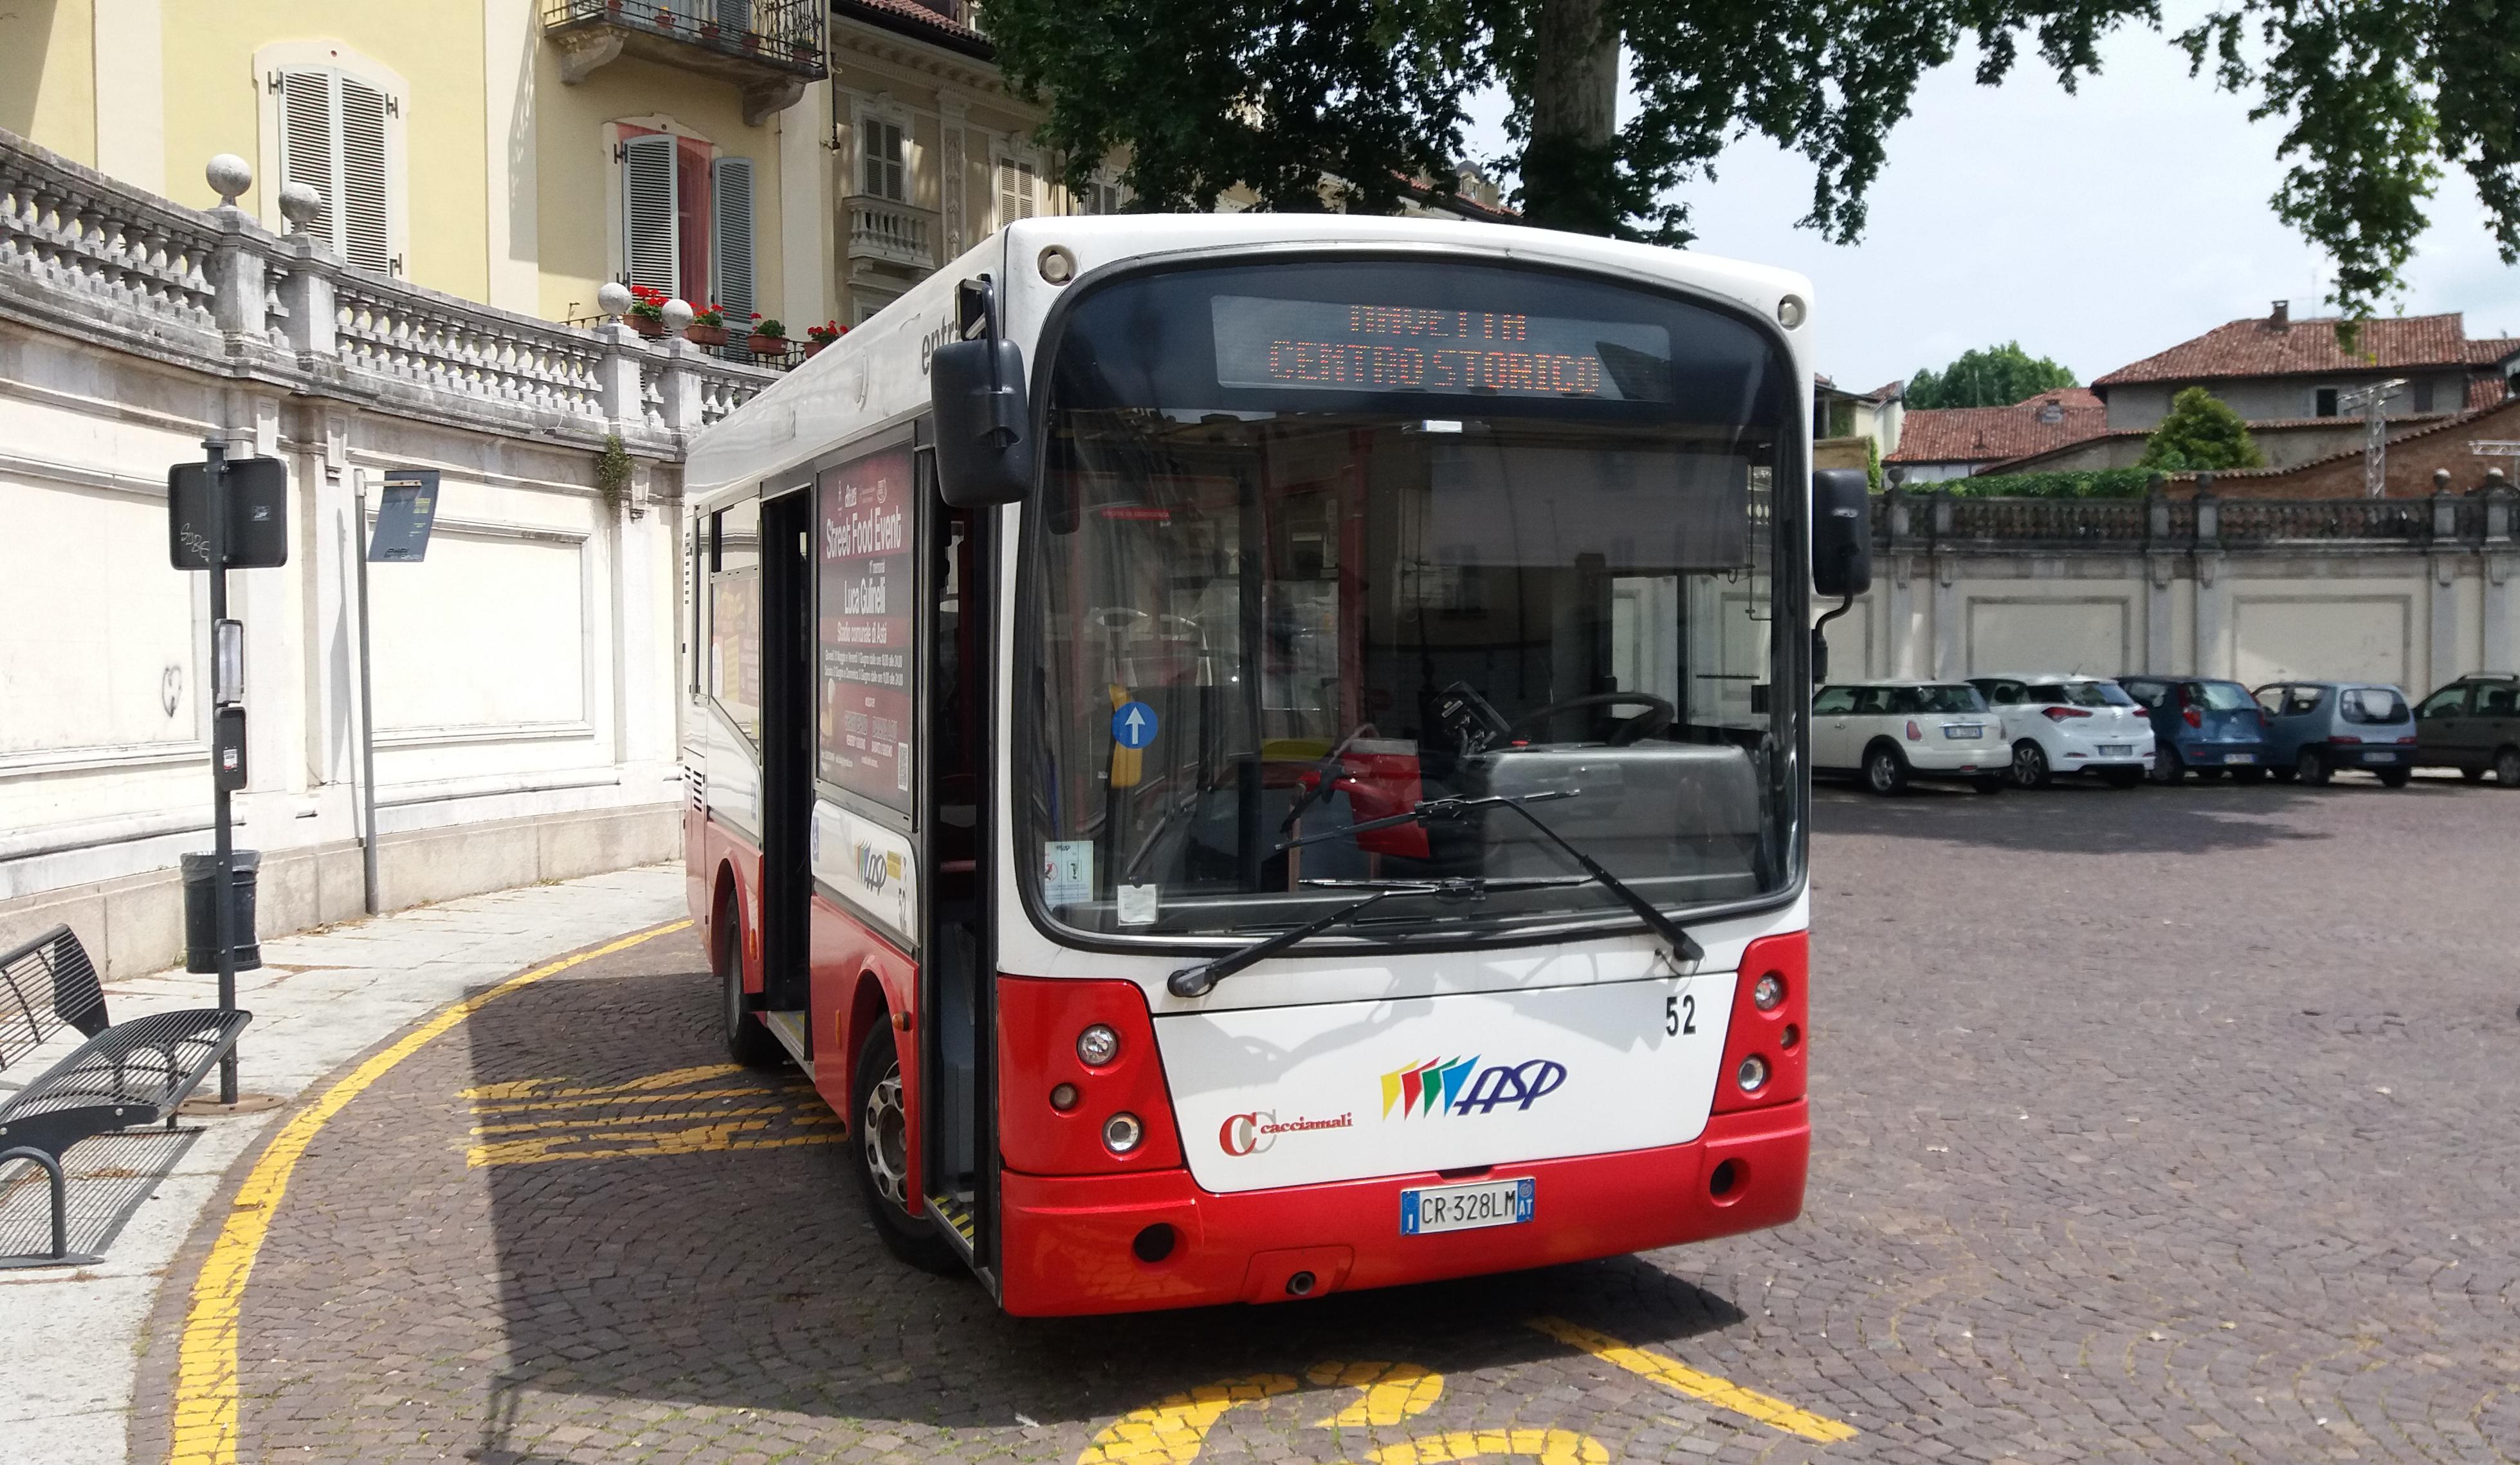 29-variazioni bus - 6 luglio